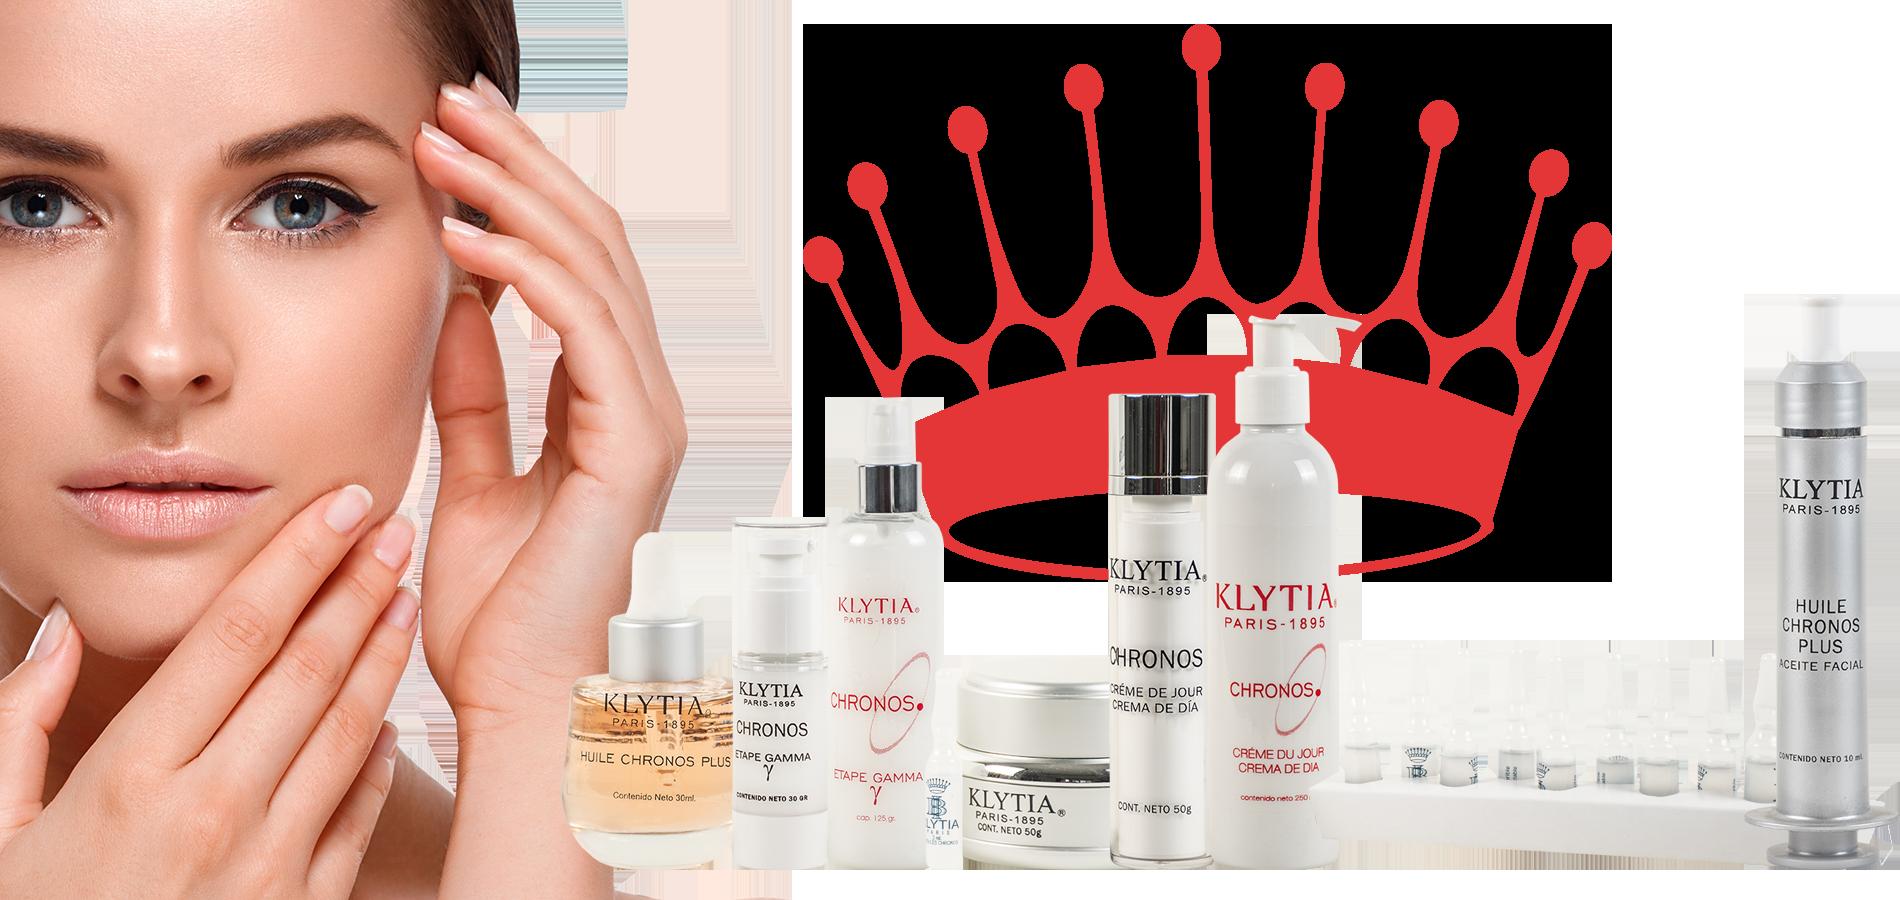 klytia-productos-de-belleza-en-mexico-4